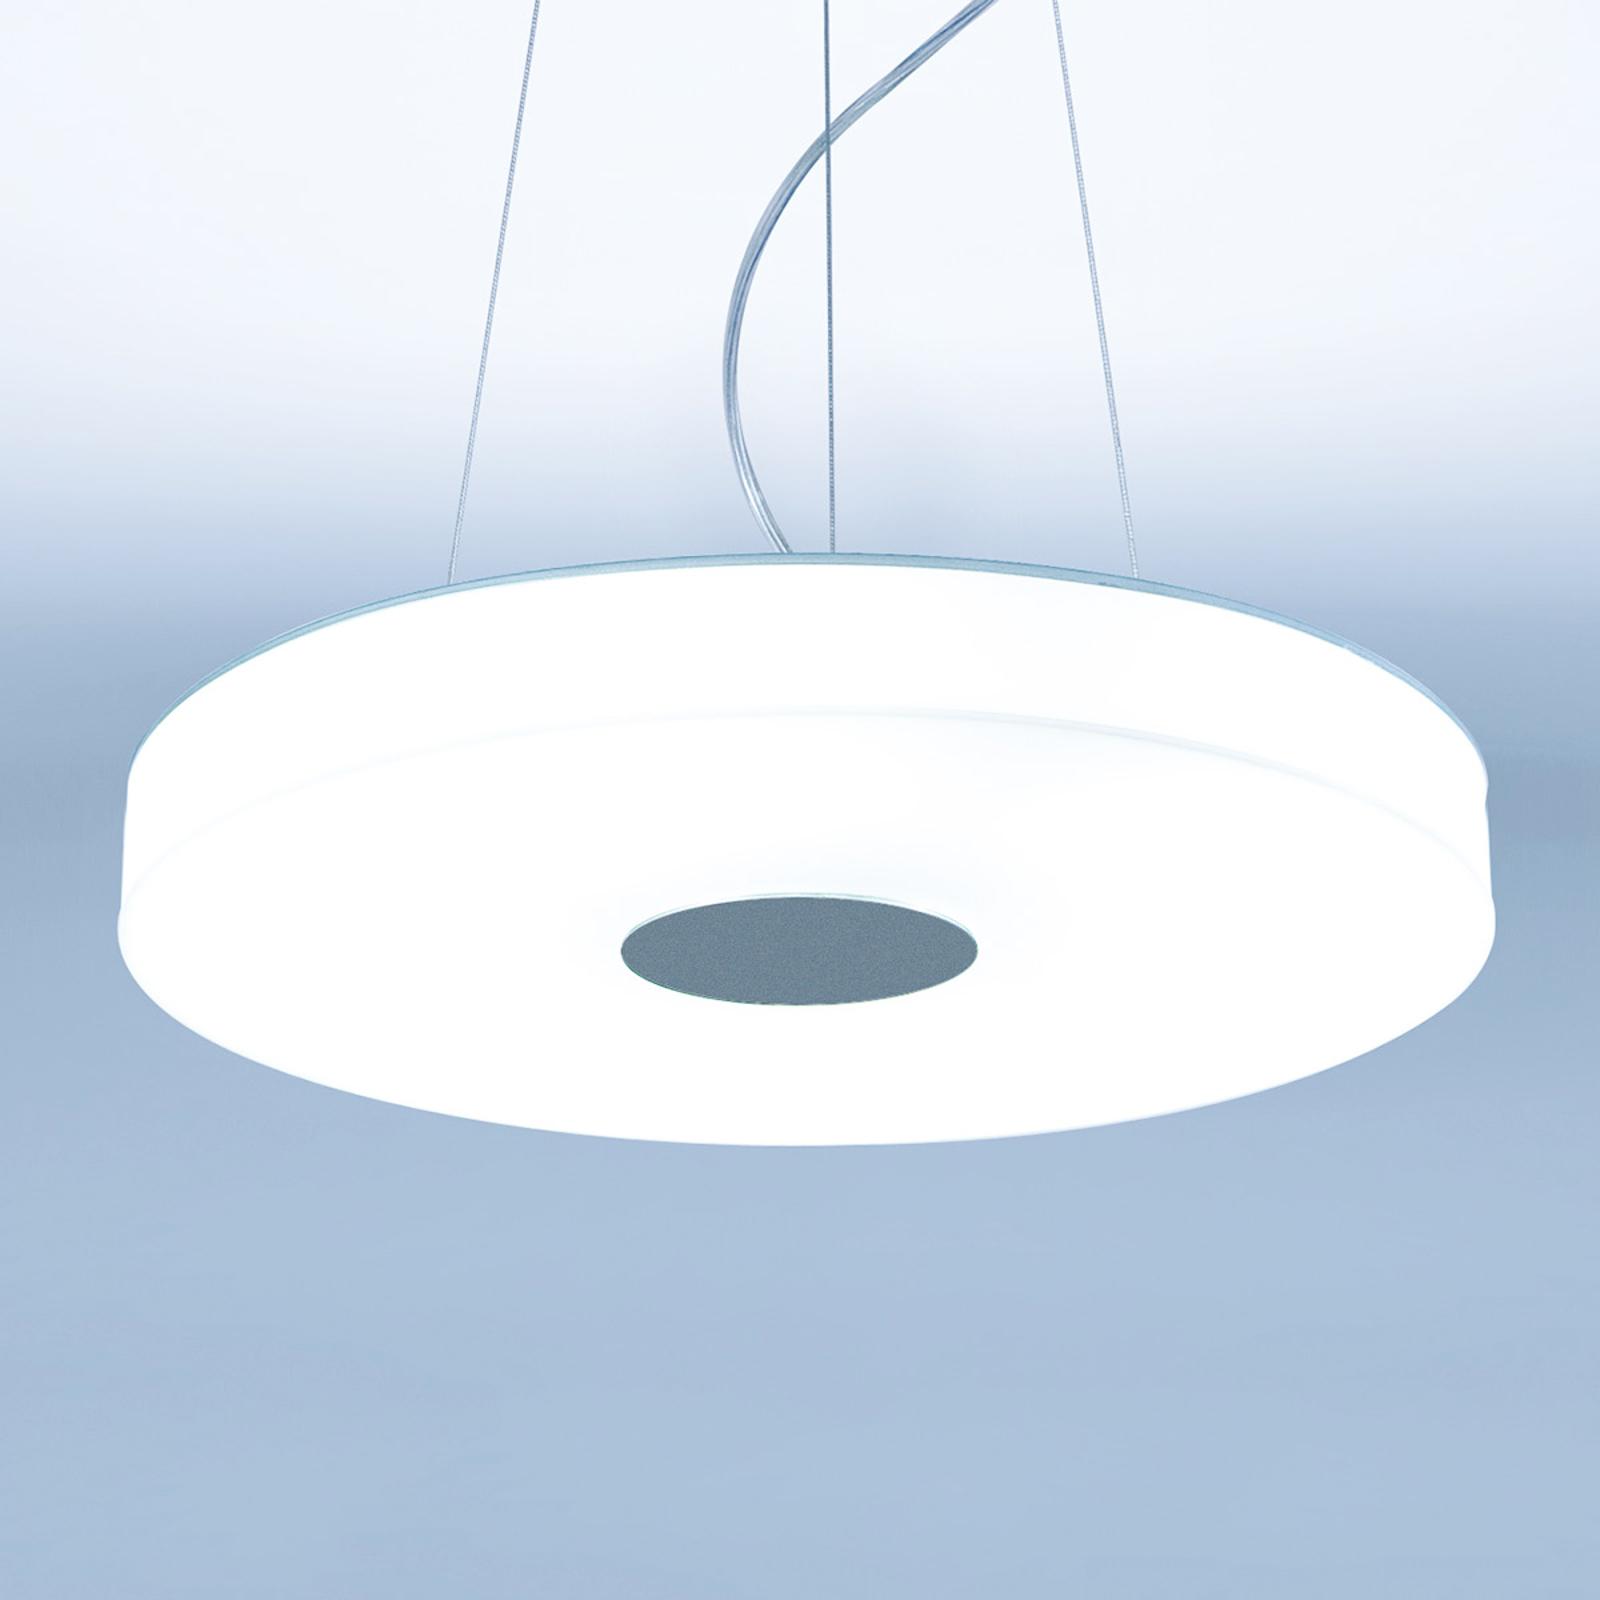 Świecąca dookoła lampa wisząca LED Wax-P1, 39 cm